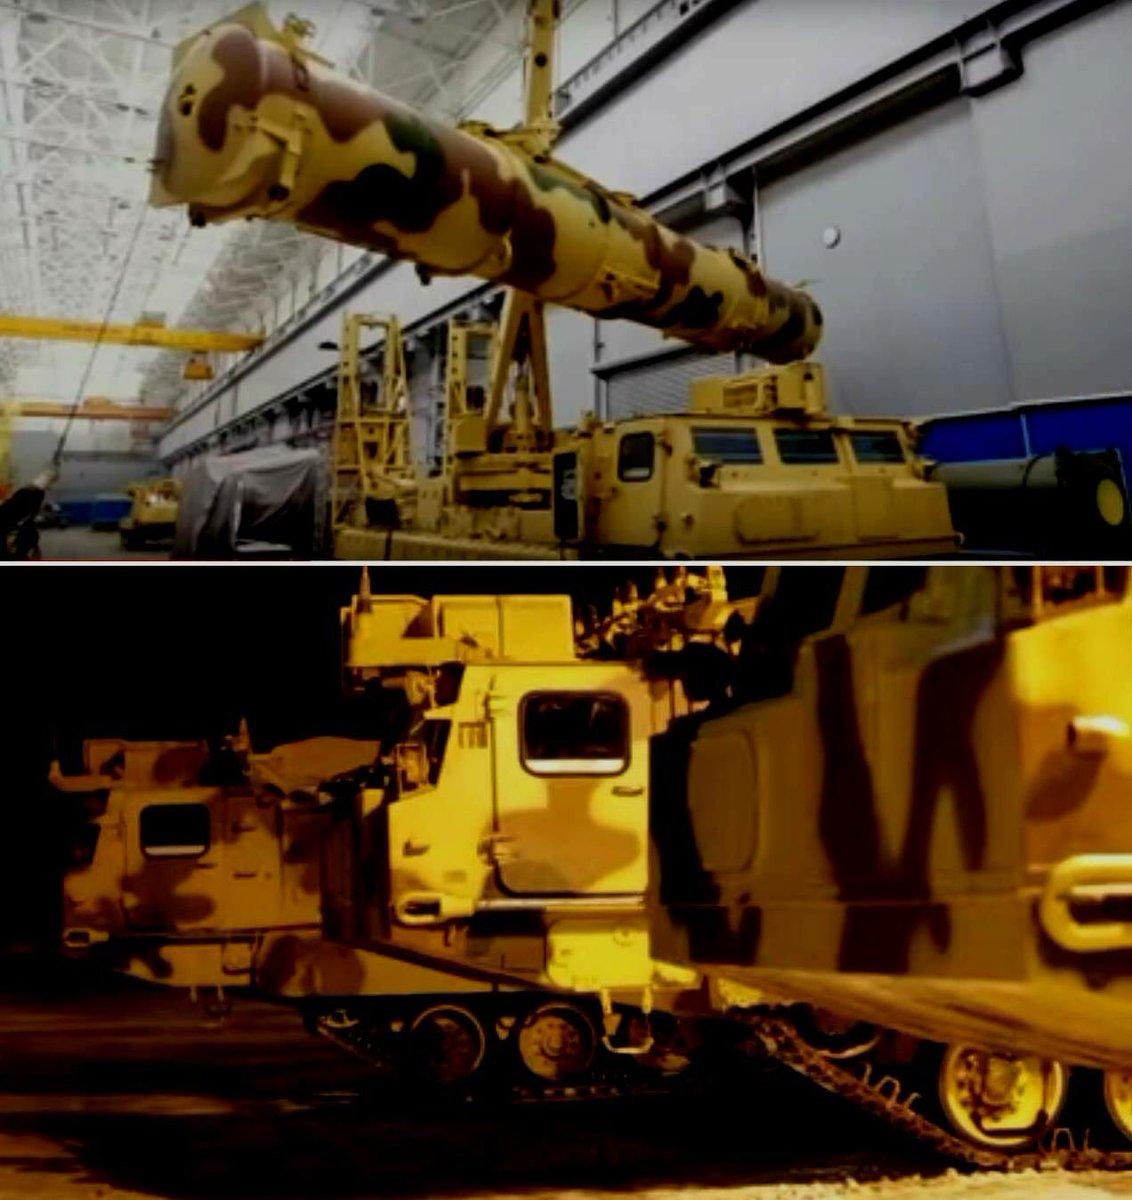 ΕΚΤΑΚΤΟ! Κάιρο καλεί Αθήνα για ΑΟΖ: Έφτασαν τα ρωσικά αντιαεροπορικά/αντιβαλλιστικά συστήματα S-300VM στην Αίγυπτο και «κλειδώνουν» τον εναέριο χώρο από τα τουρκικά αεροσκάφη - Εικόνα5